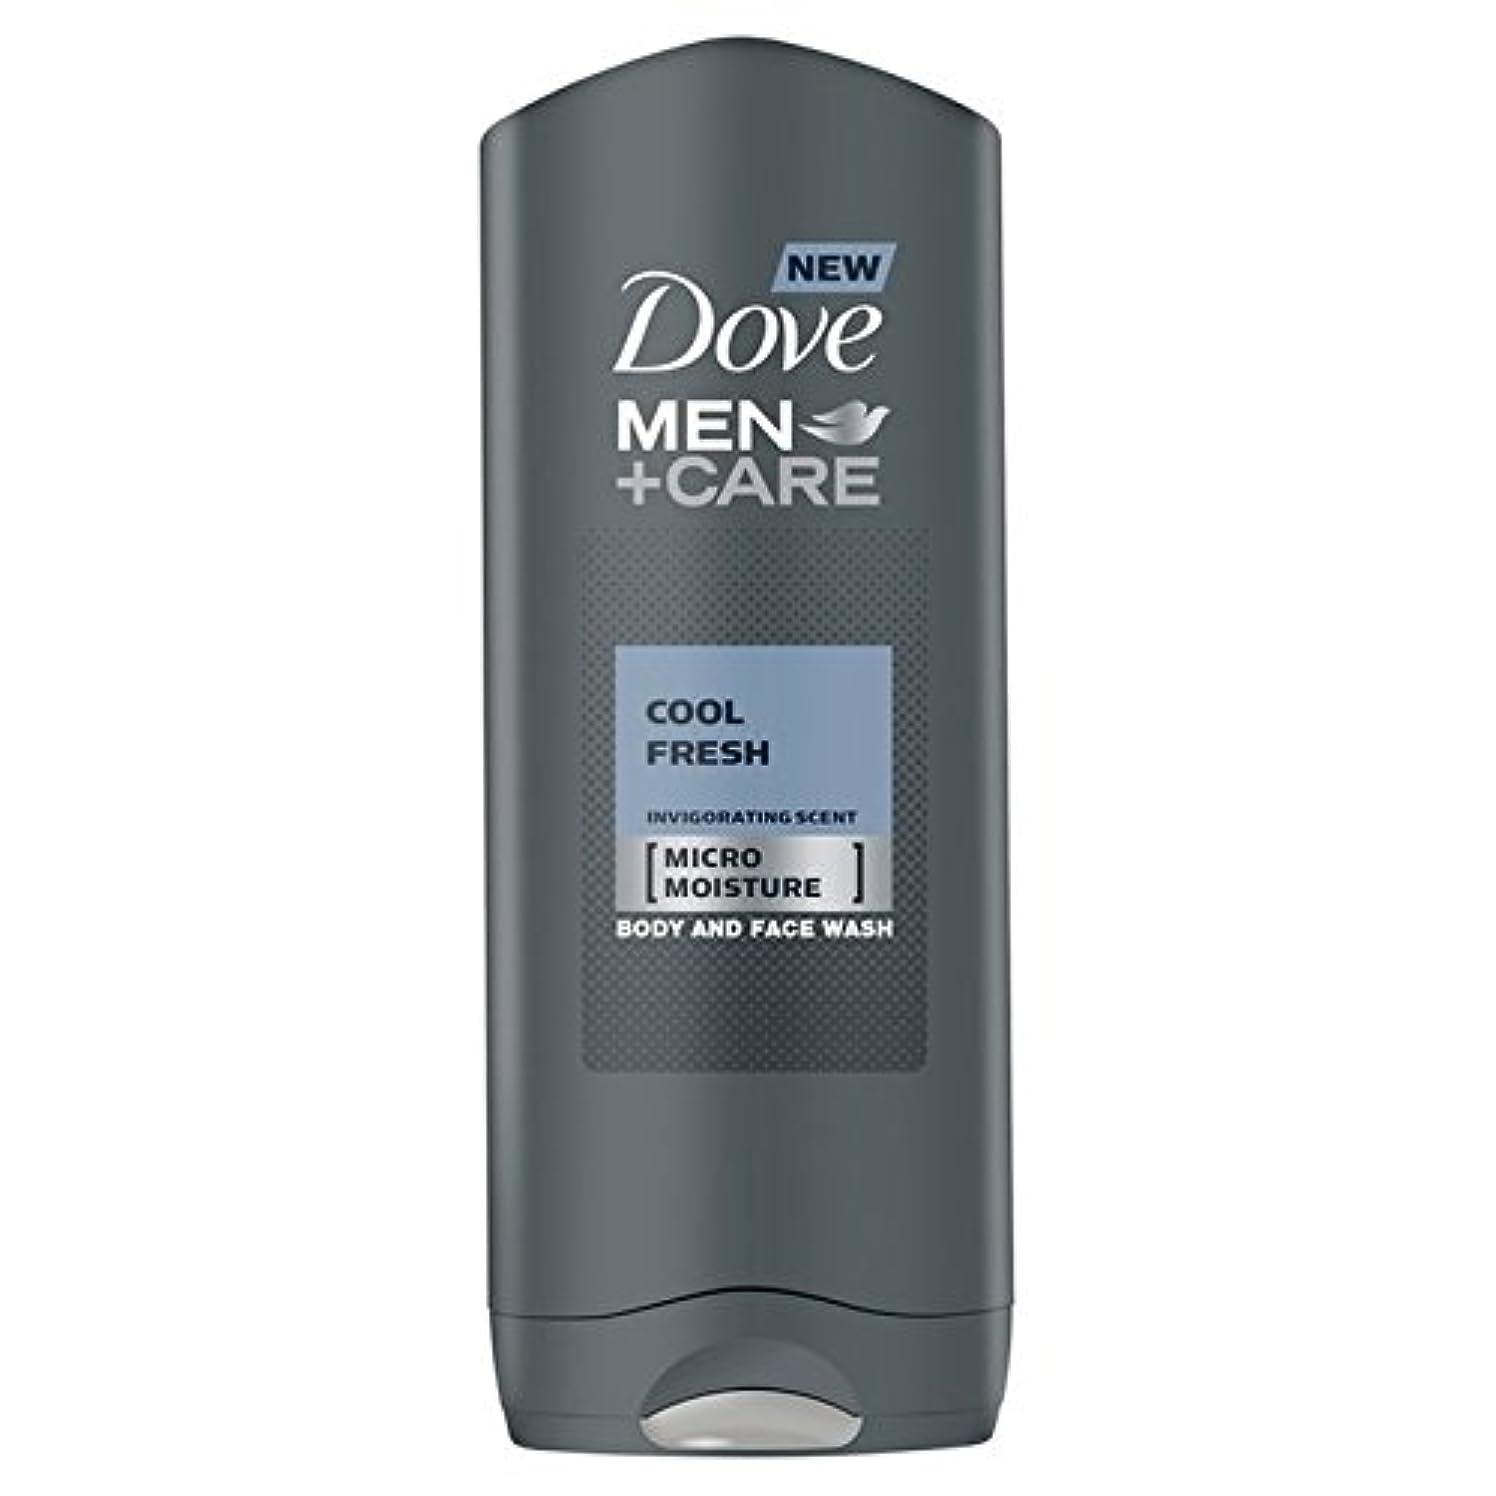 センブランス慣れる日付付きクールフレッシュシャワージェル400ミリリットルケア+鳩の男性 x2 - Dove Men+Care Cool Fresh Shower Gel 400ml (Pack of 2) [並行輸入品]